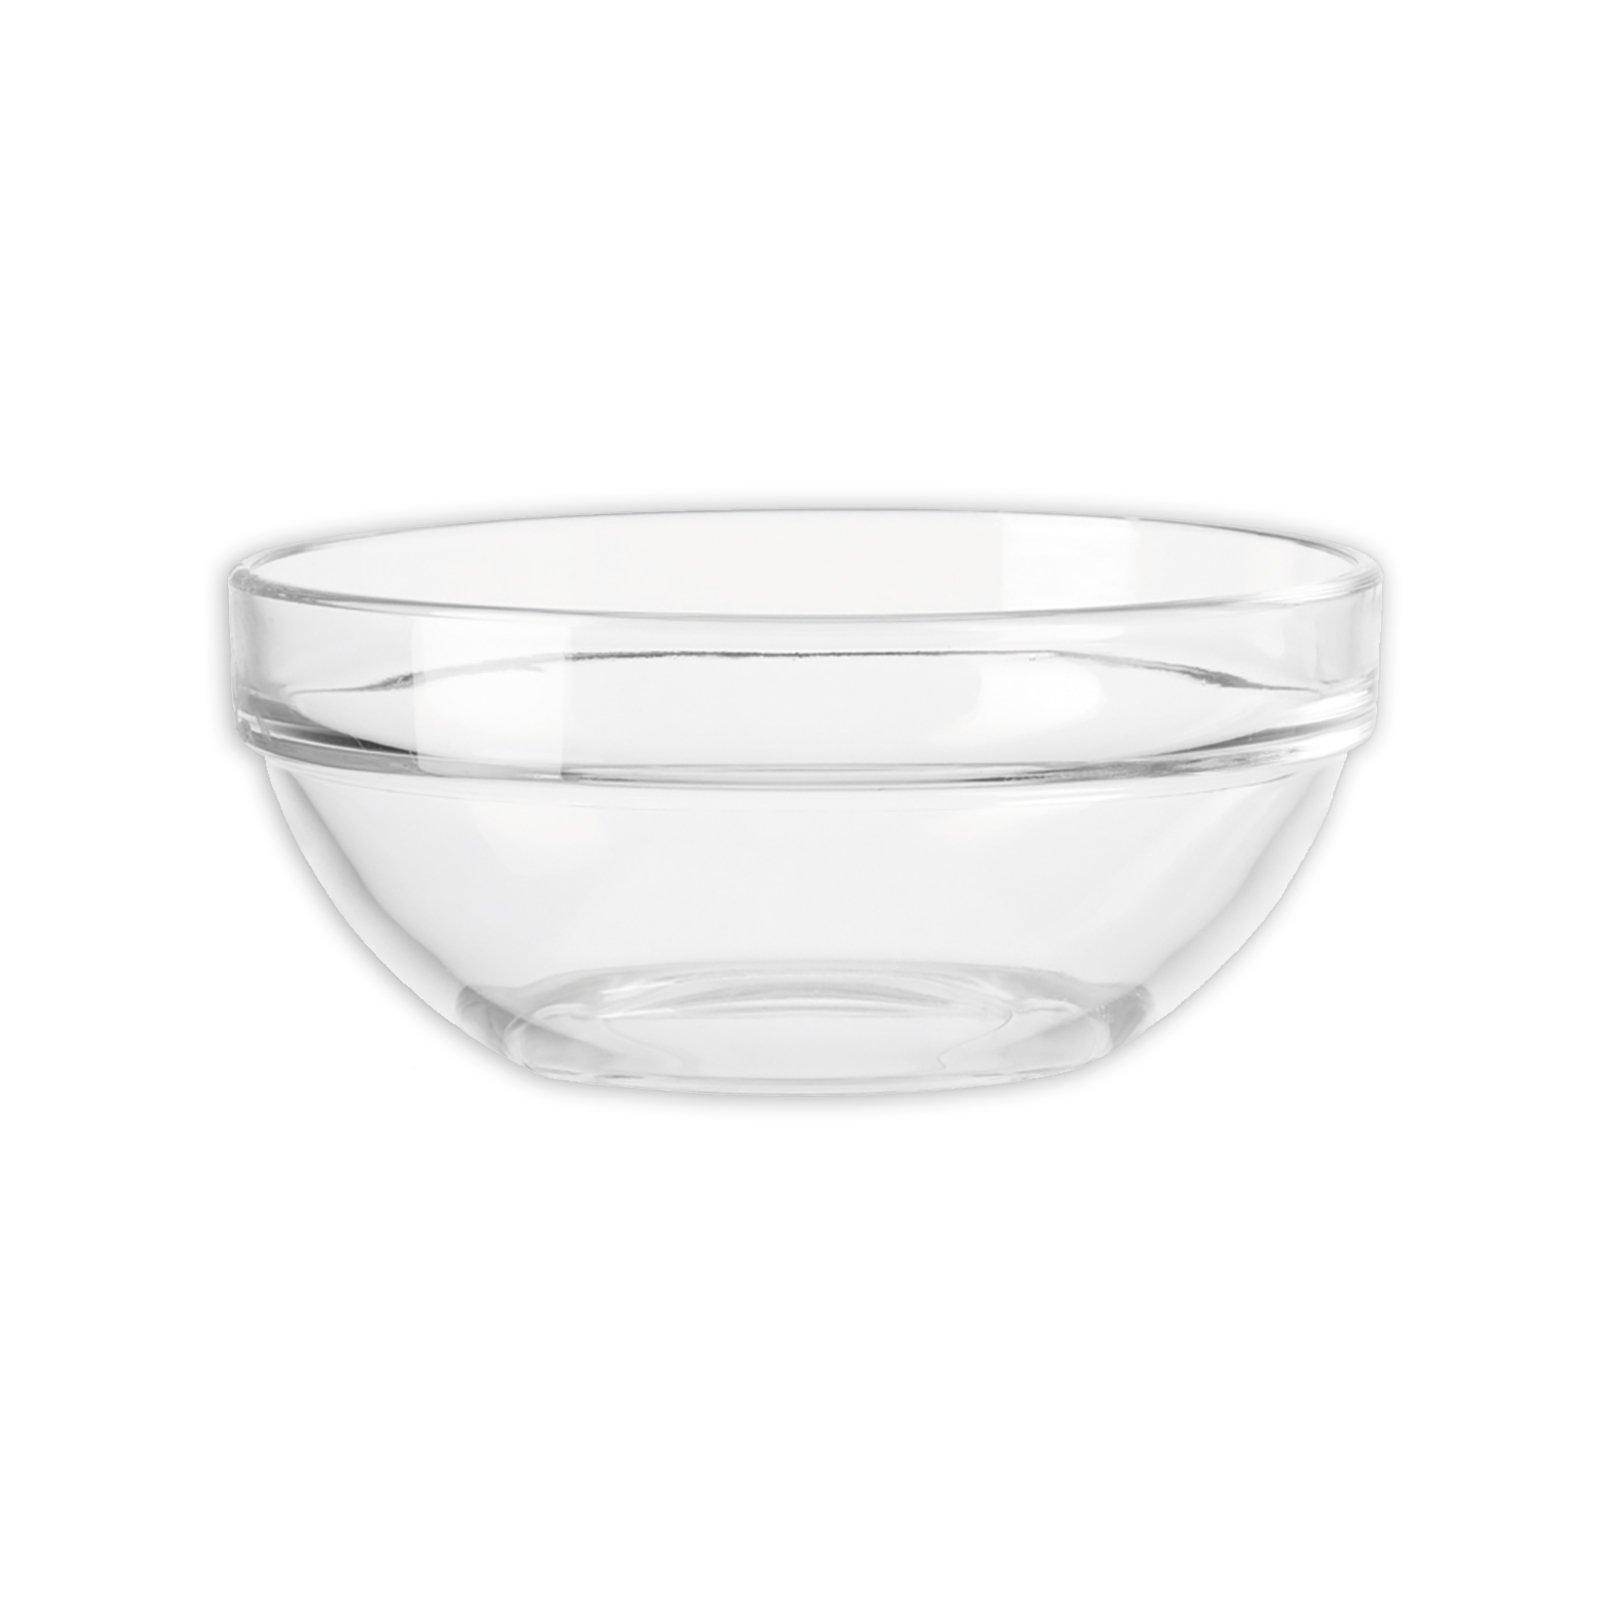 Glasschale TREND - 10 cm